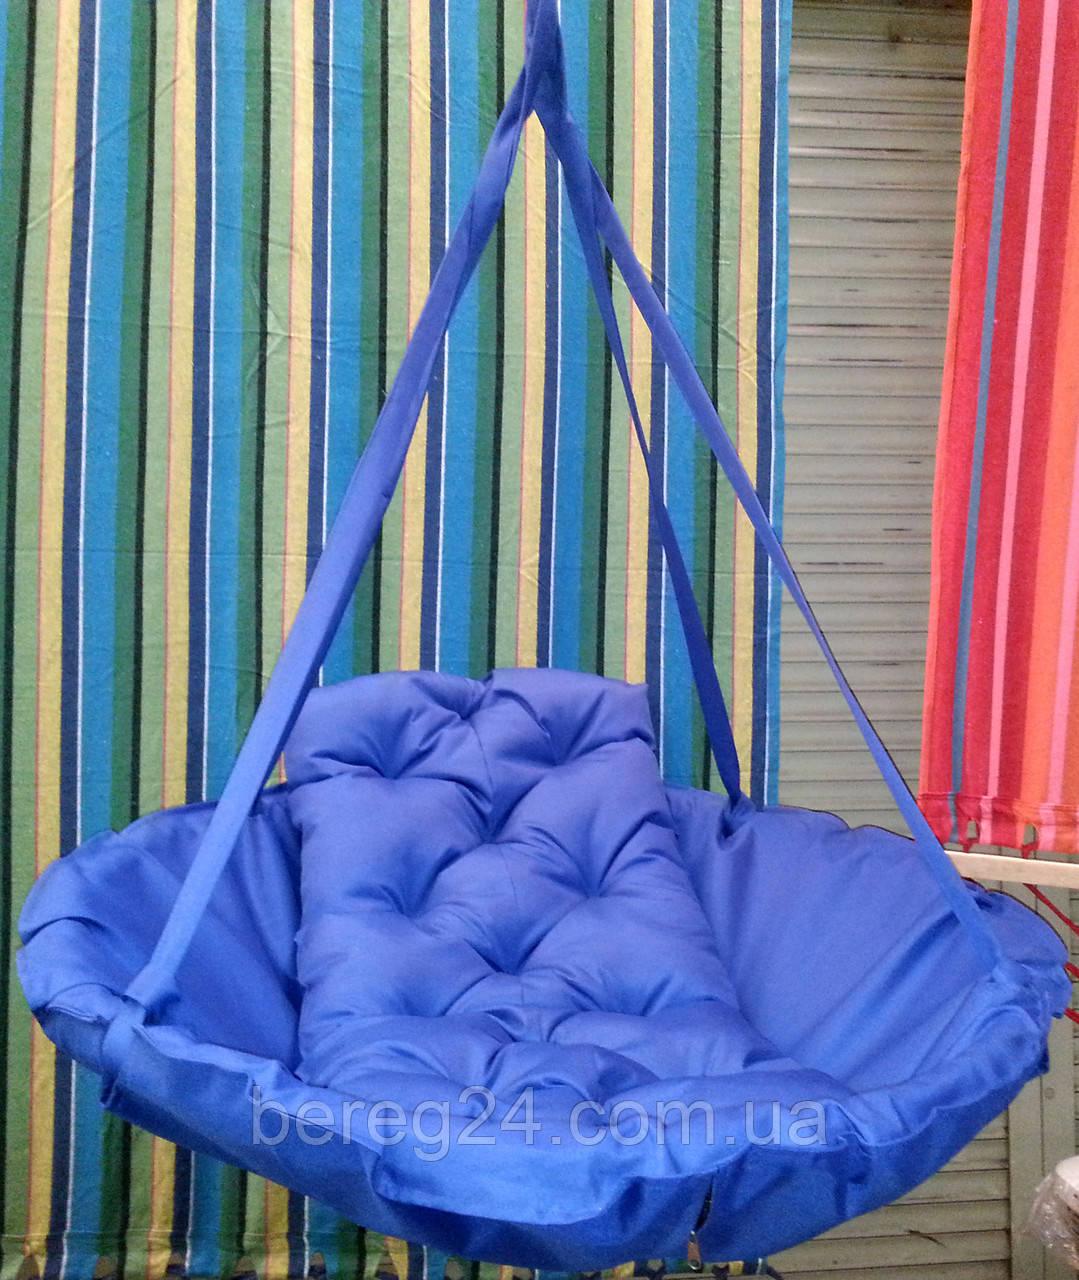 Подвесное кресло. Качеля садовая. Качеля подвесная. Гамак. Кресло качеля. Качеля гамак. Кокон. Синий